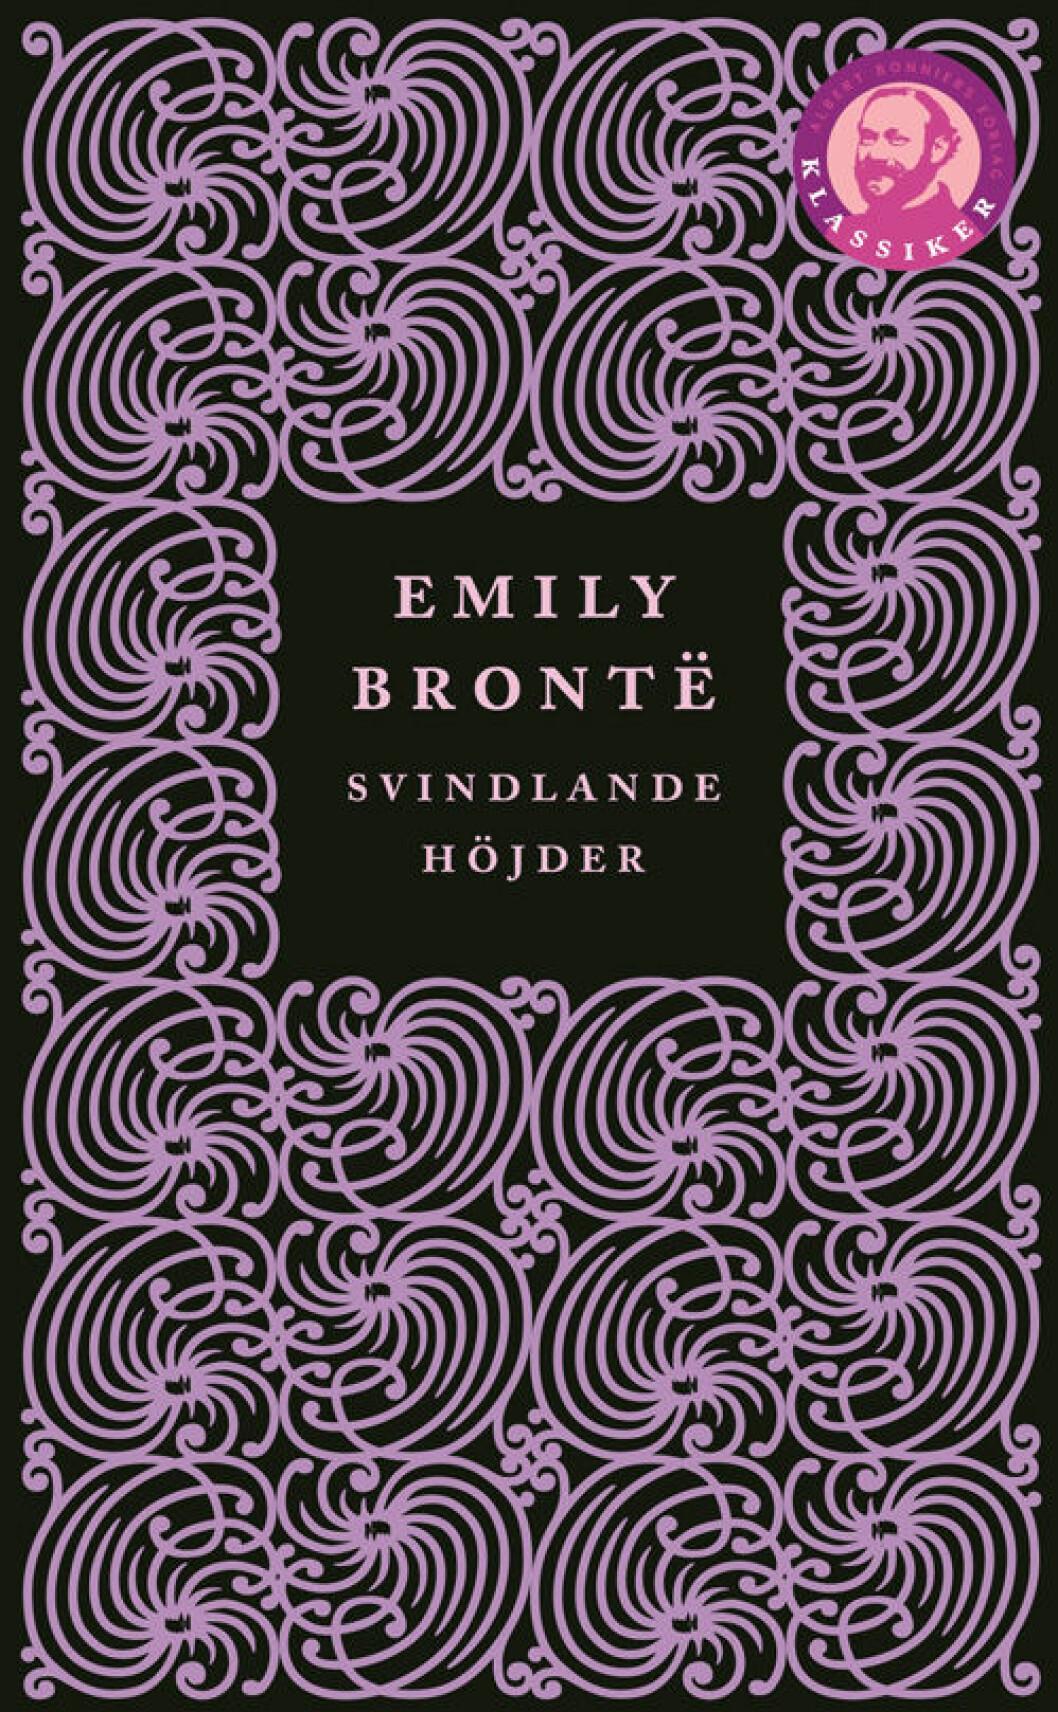 Emily Brontës Svindlande höjder.